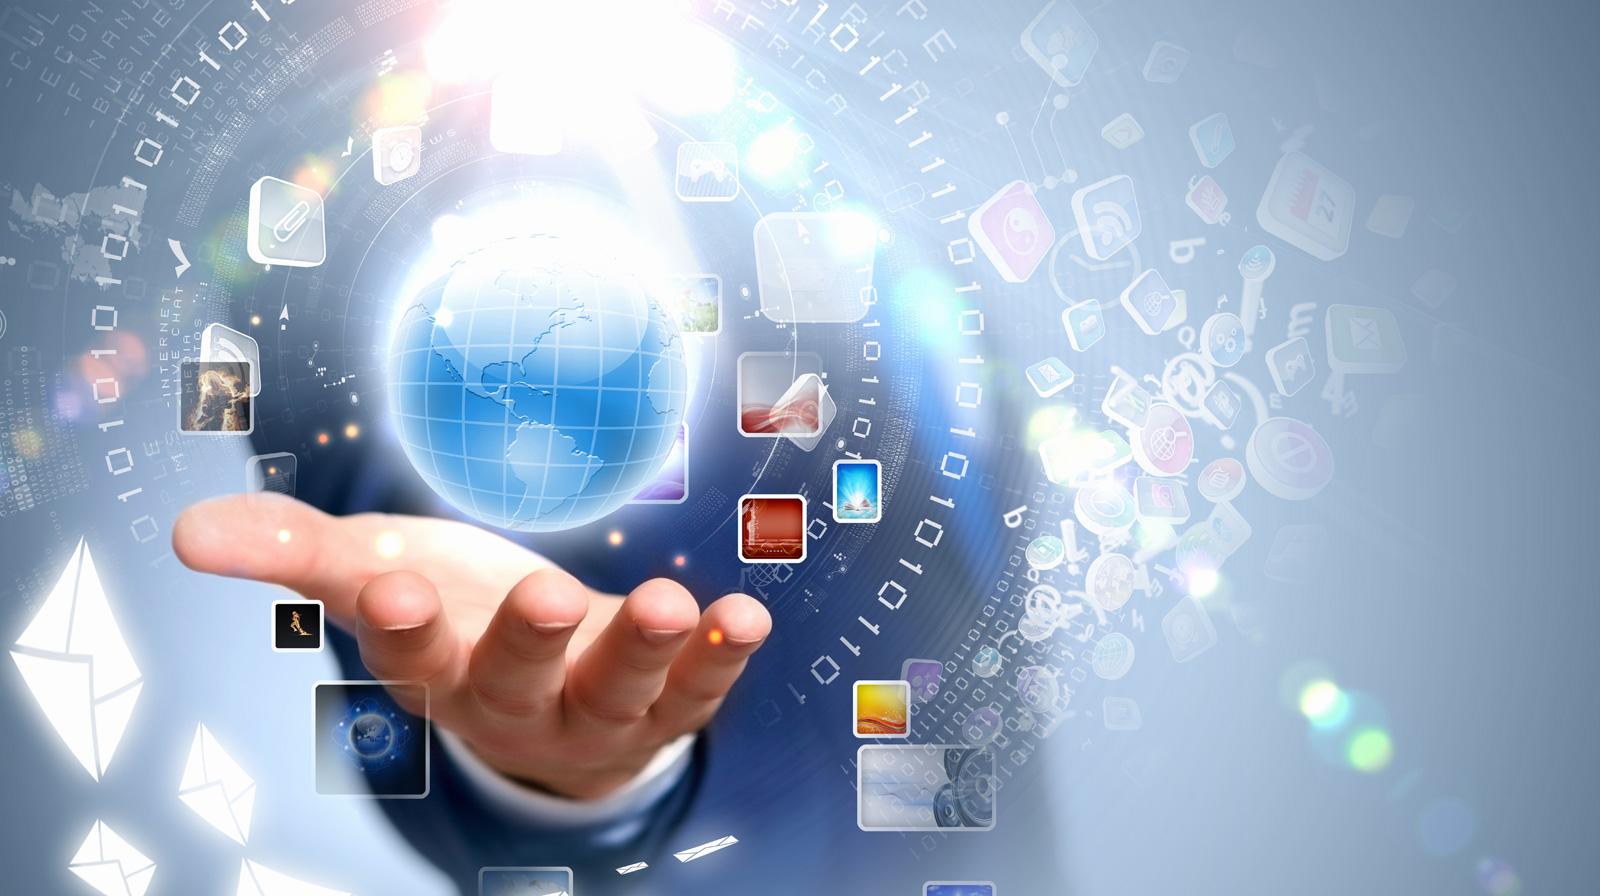 تشریح جزئیات روش جدید فروش اینترنت برای نخستین بار